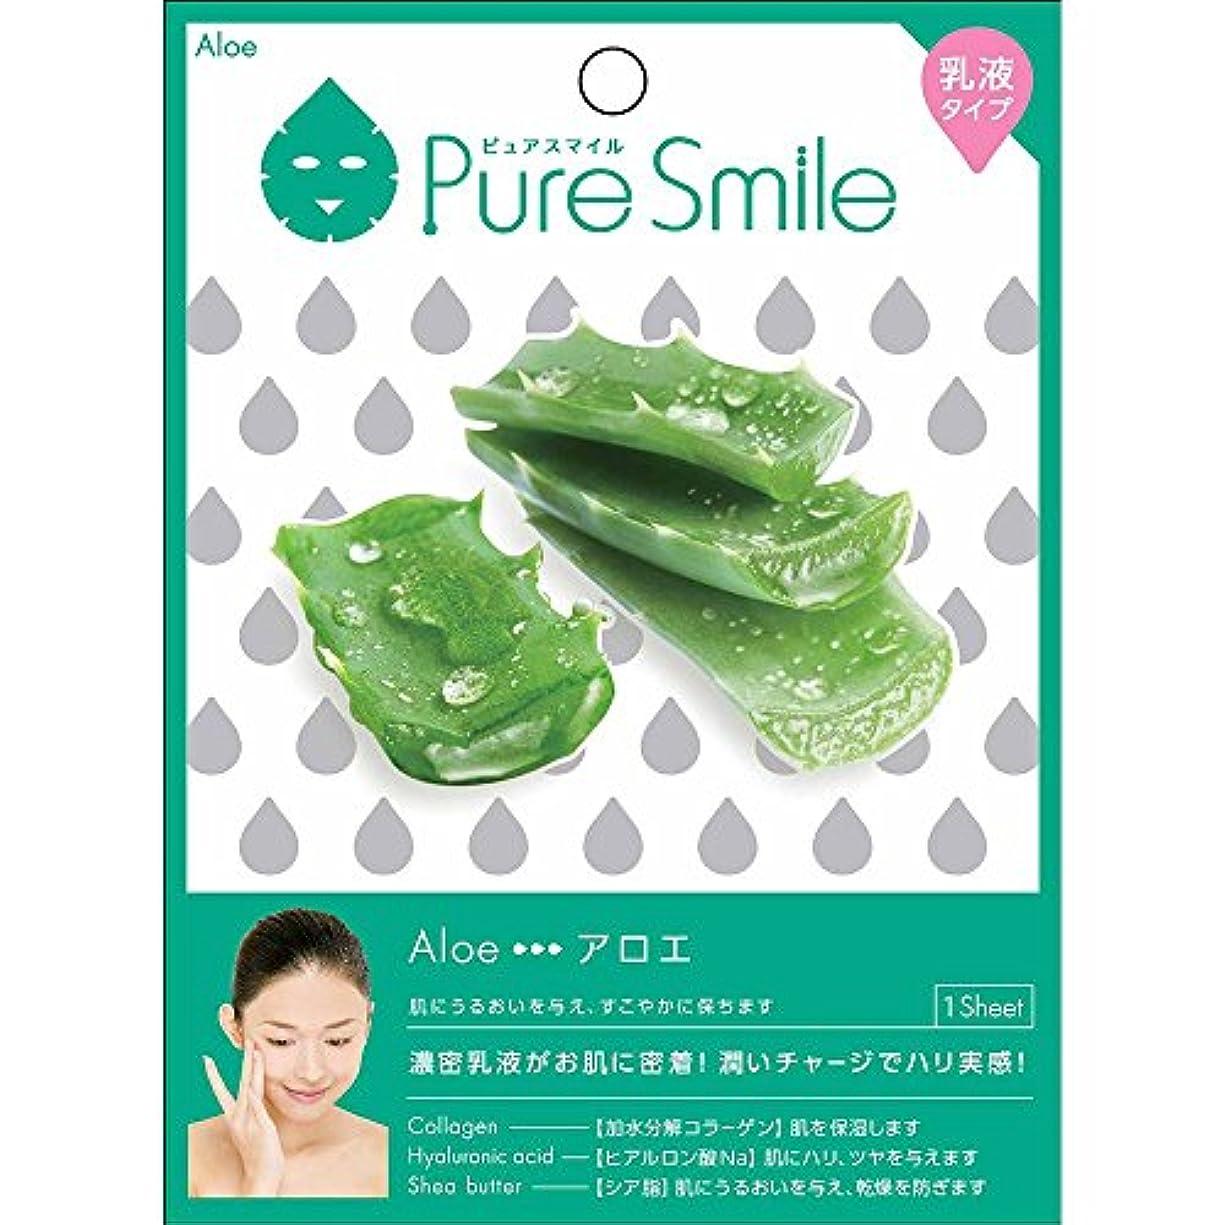 つづり牽引コモランマPure Smile(ピュアスマイル) 乳液エッセンスマスク 1 枚 アロエ